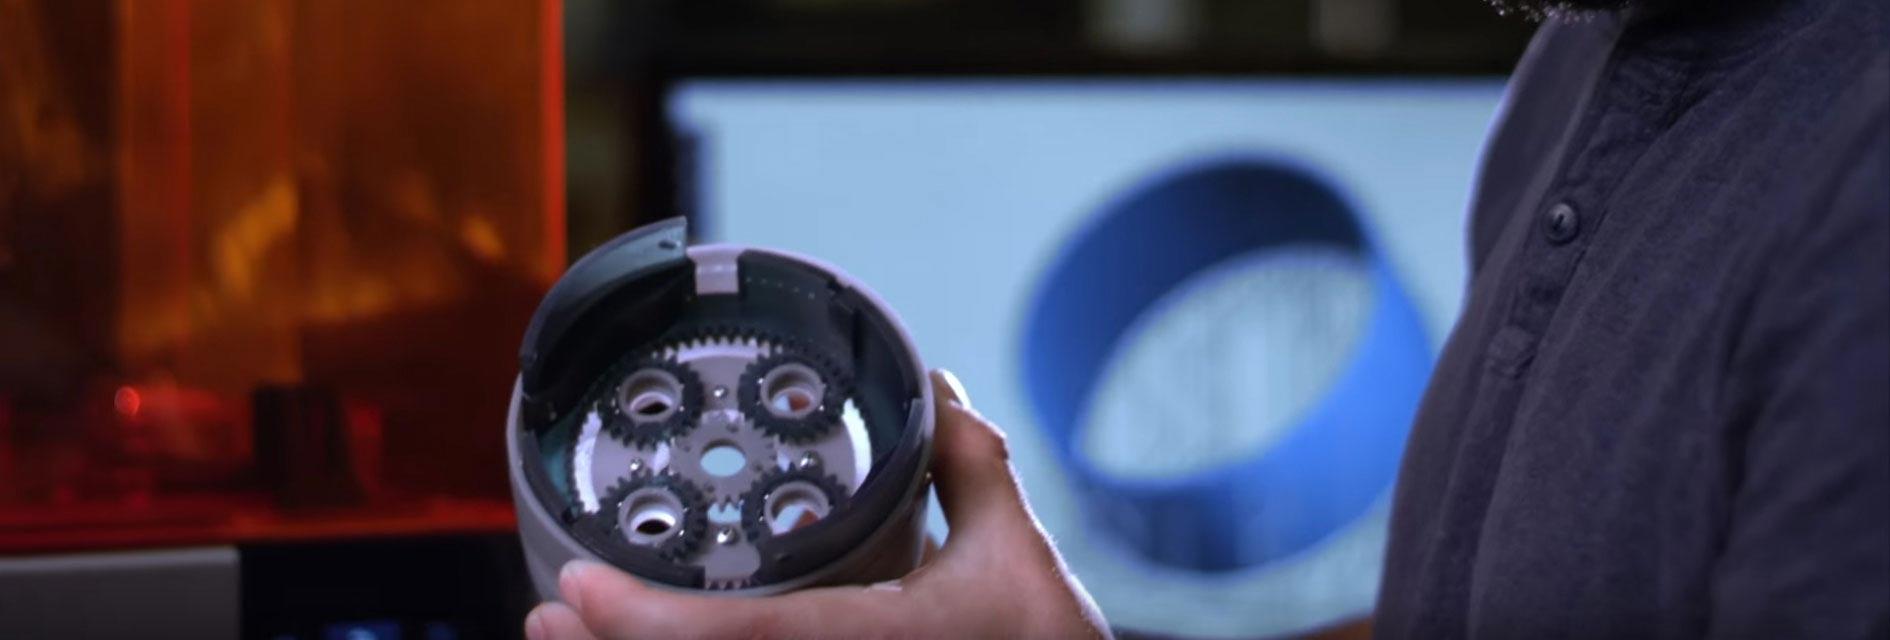 3D Drucker und MakerBot, Formlabs und Sinterit Schweiz Reseller, Support und Bildungs Webseite. 3D Drucker Lösungen / Schulungen aus Zürich für Schule, Bildungsinstitutionen, Unternehmen und Private.